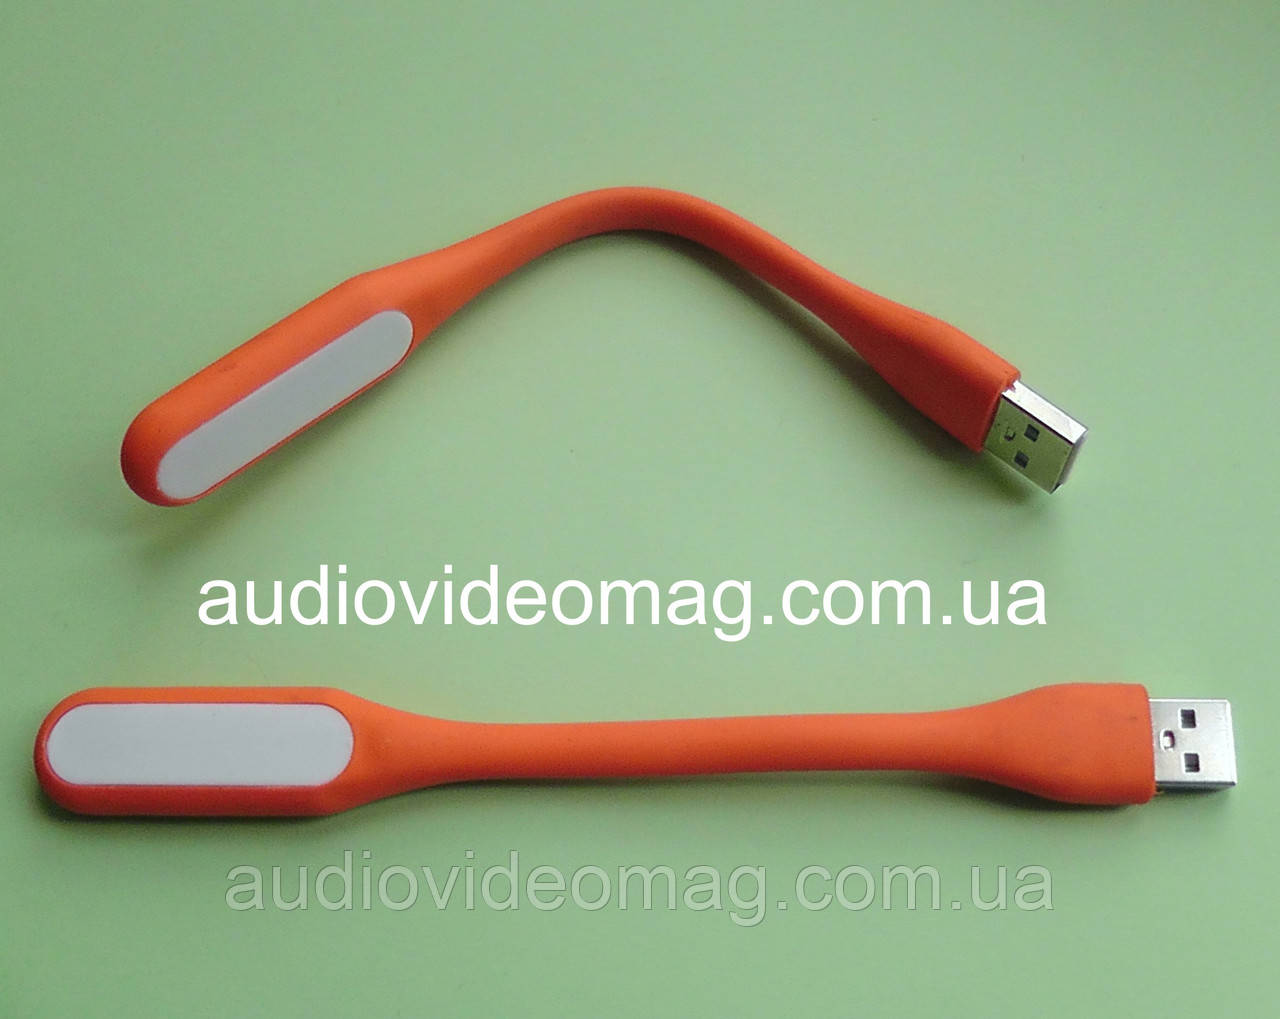 Гибкая USB подсветка - 6 светодиодов